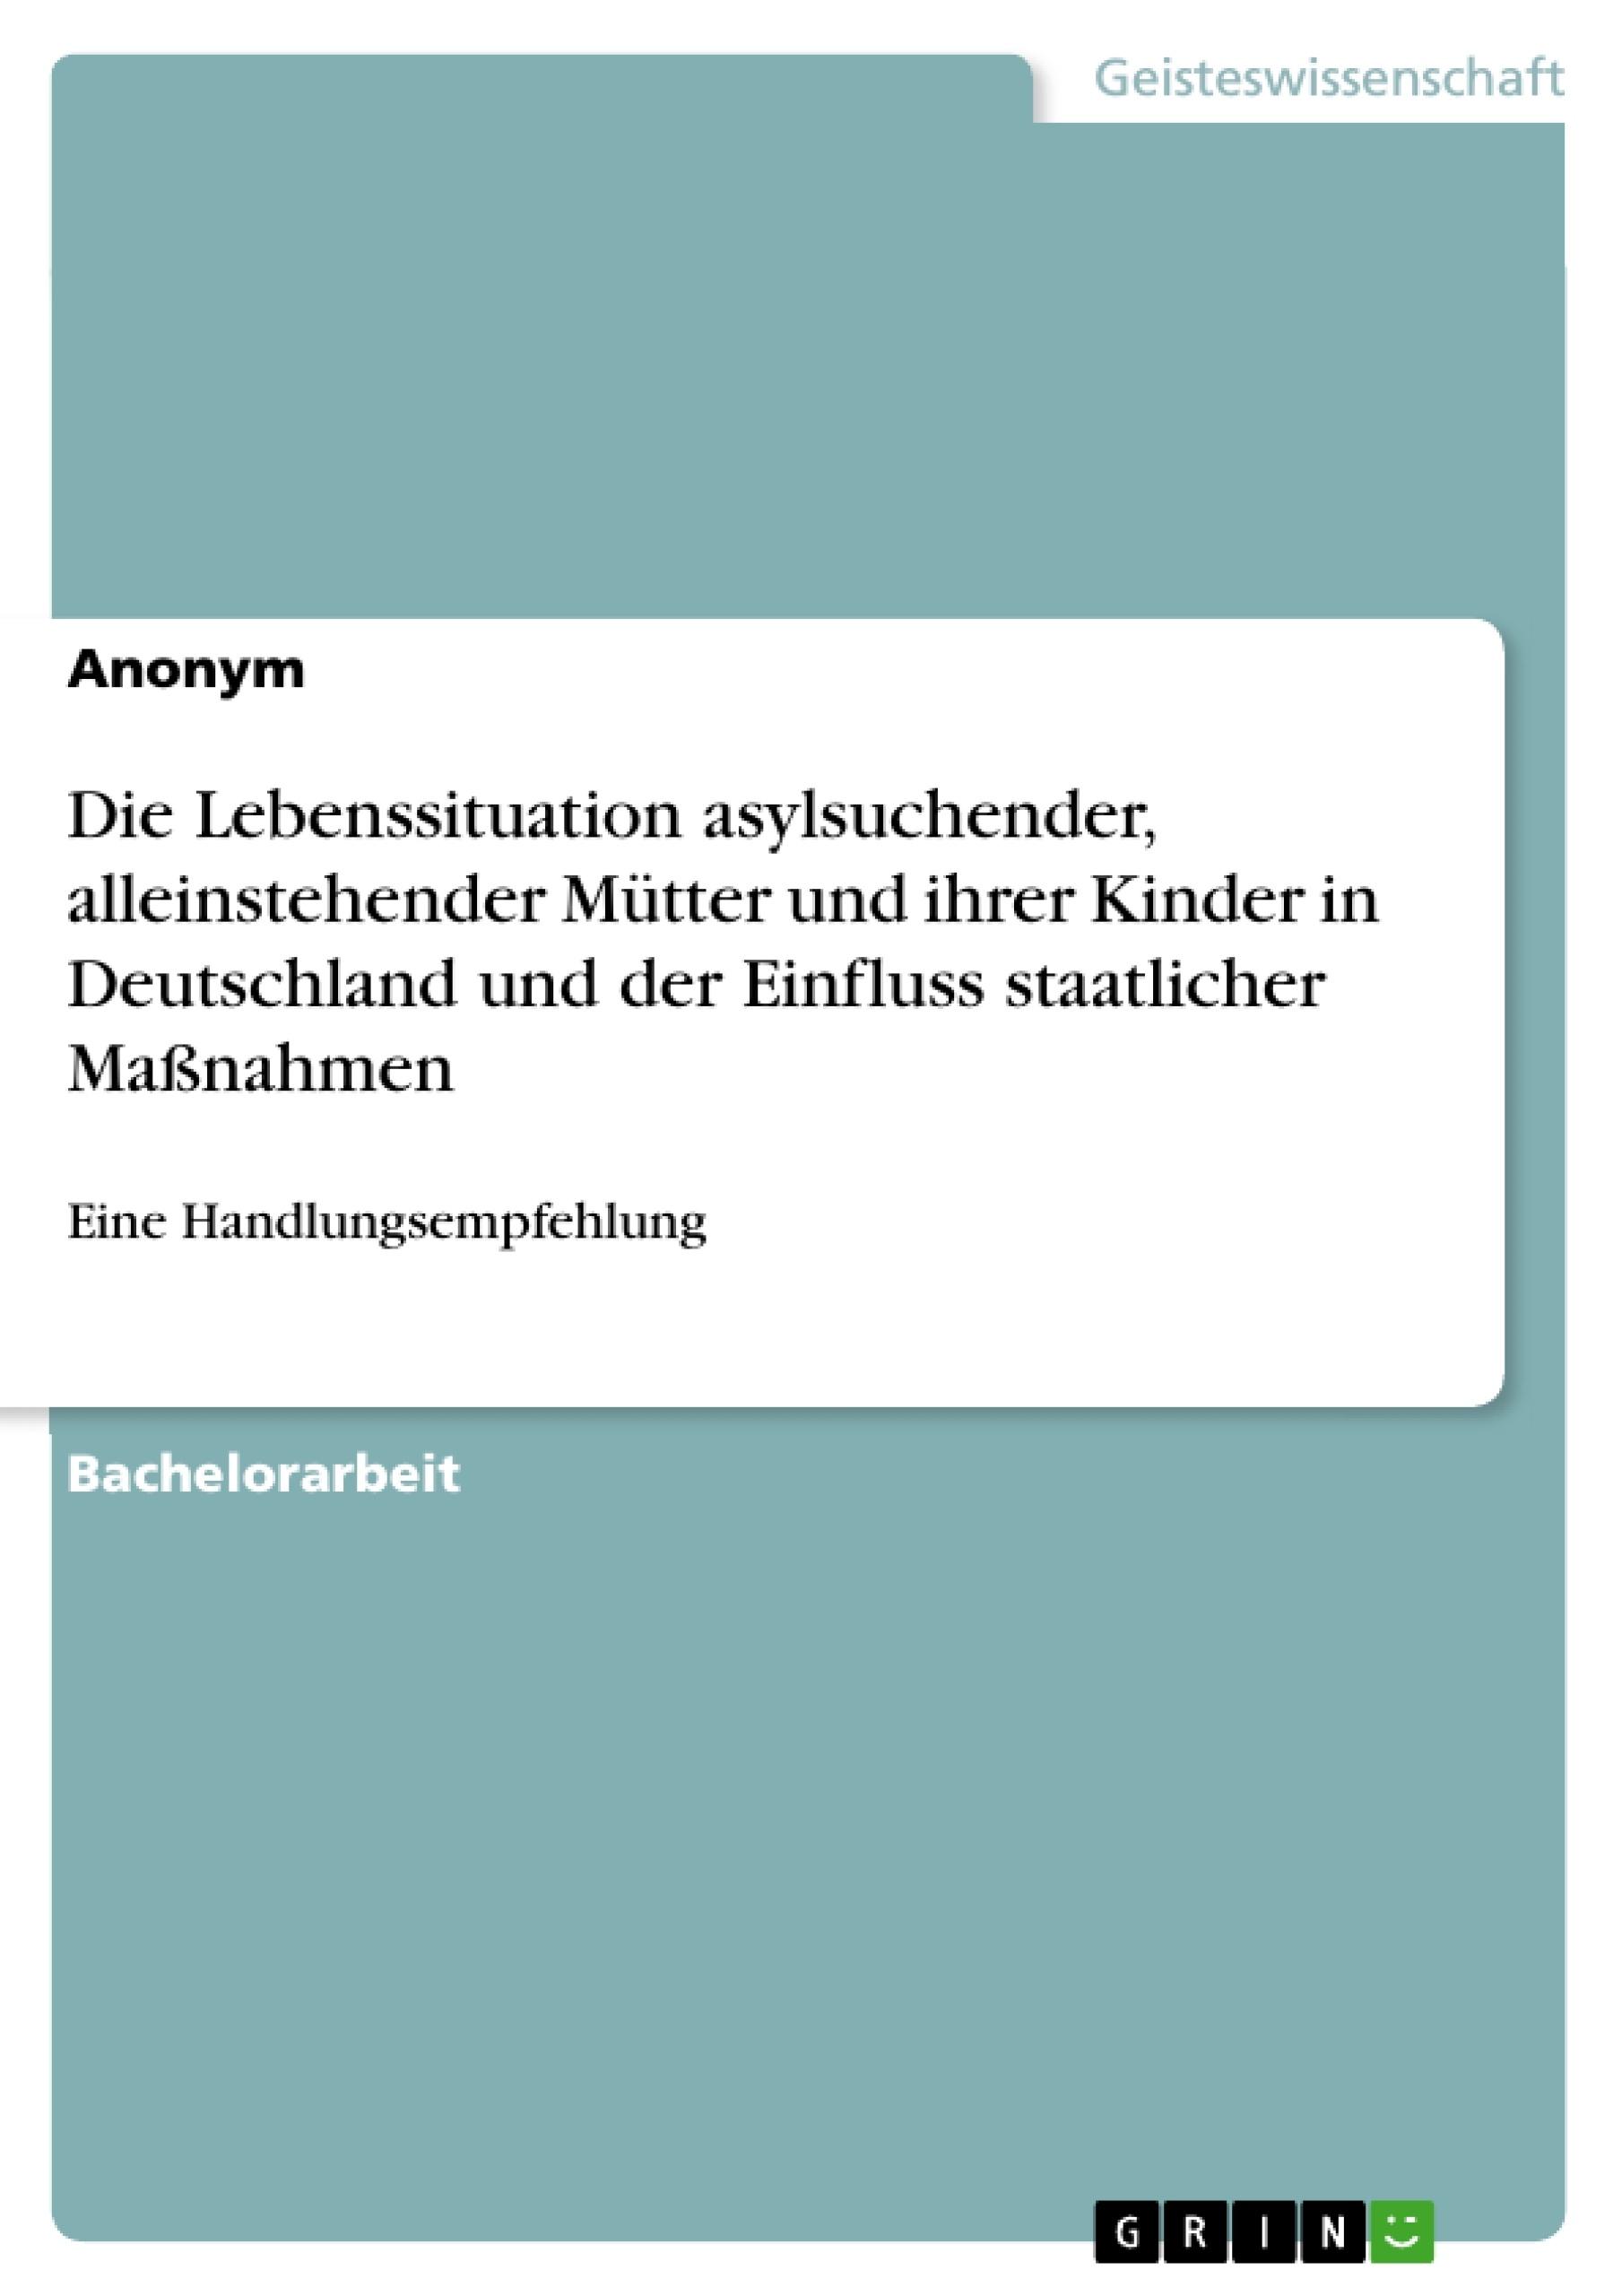 Titel: Die Lebenssituation asylsuchender, alleinstehender Mütter und ihrer Kinder in Deutschland und der Einfluss staatlicher Maßnahmen